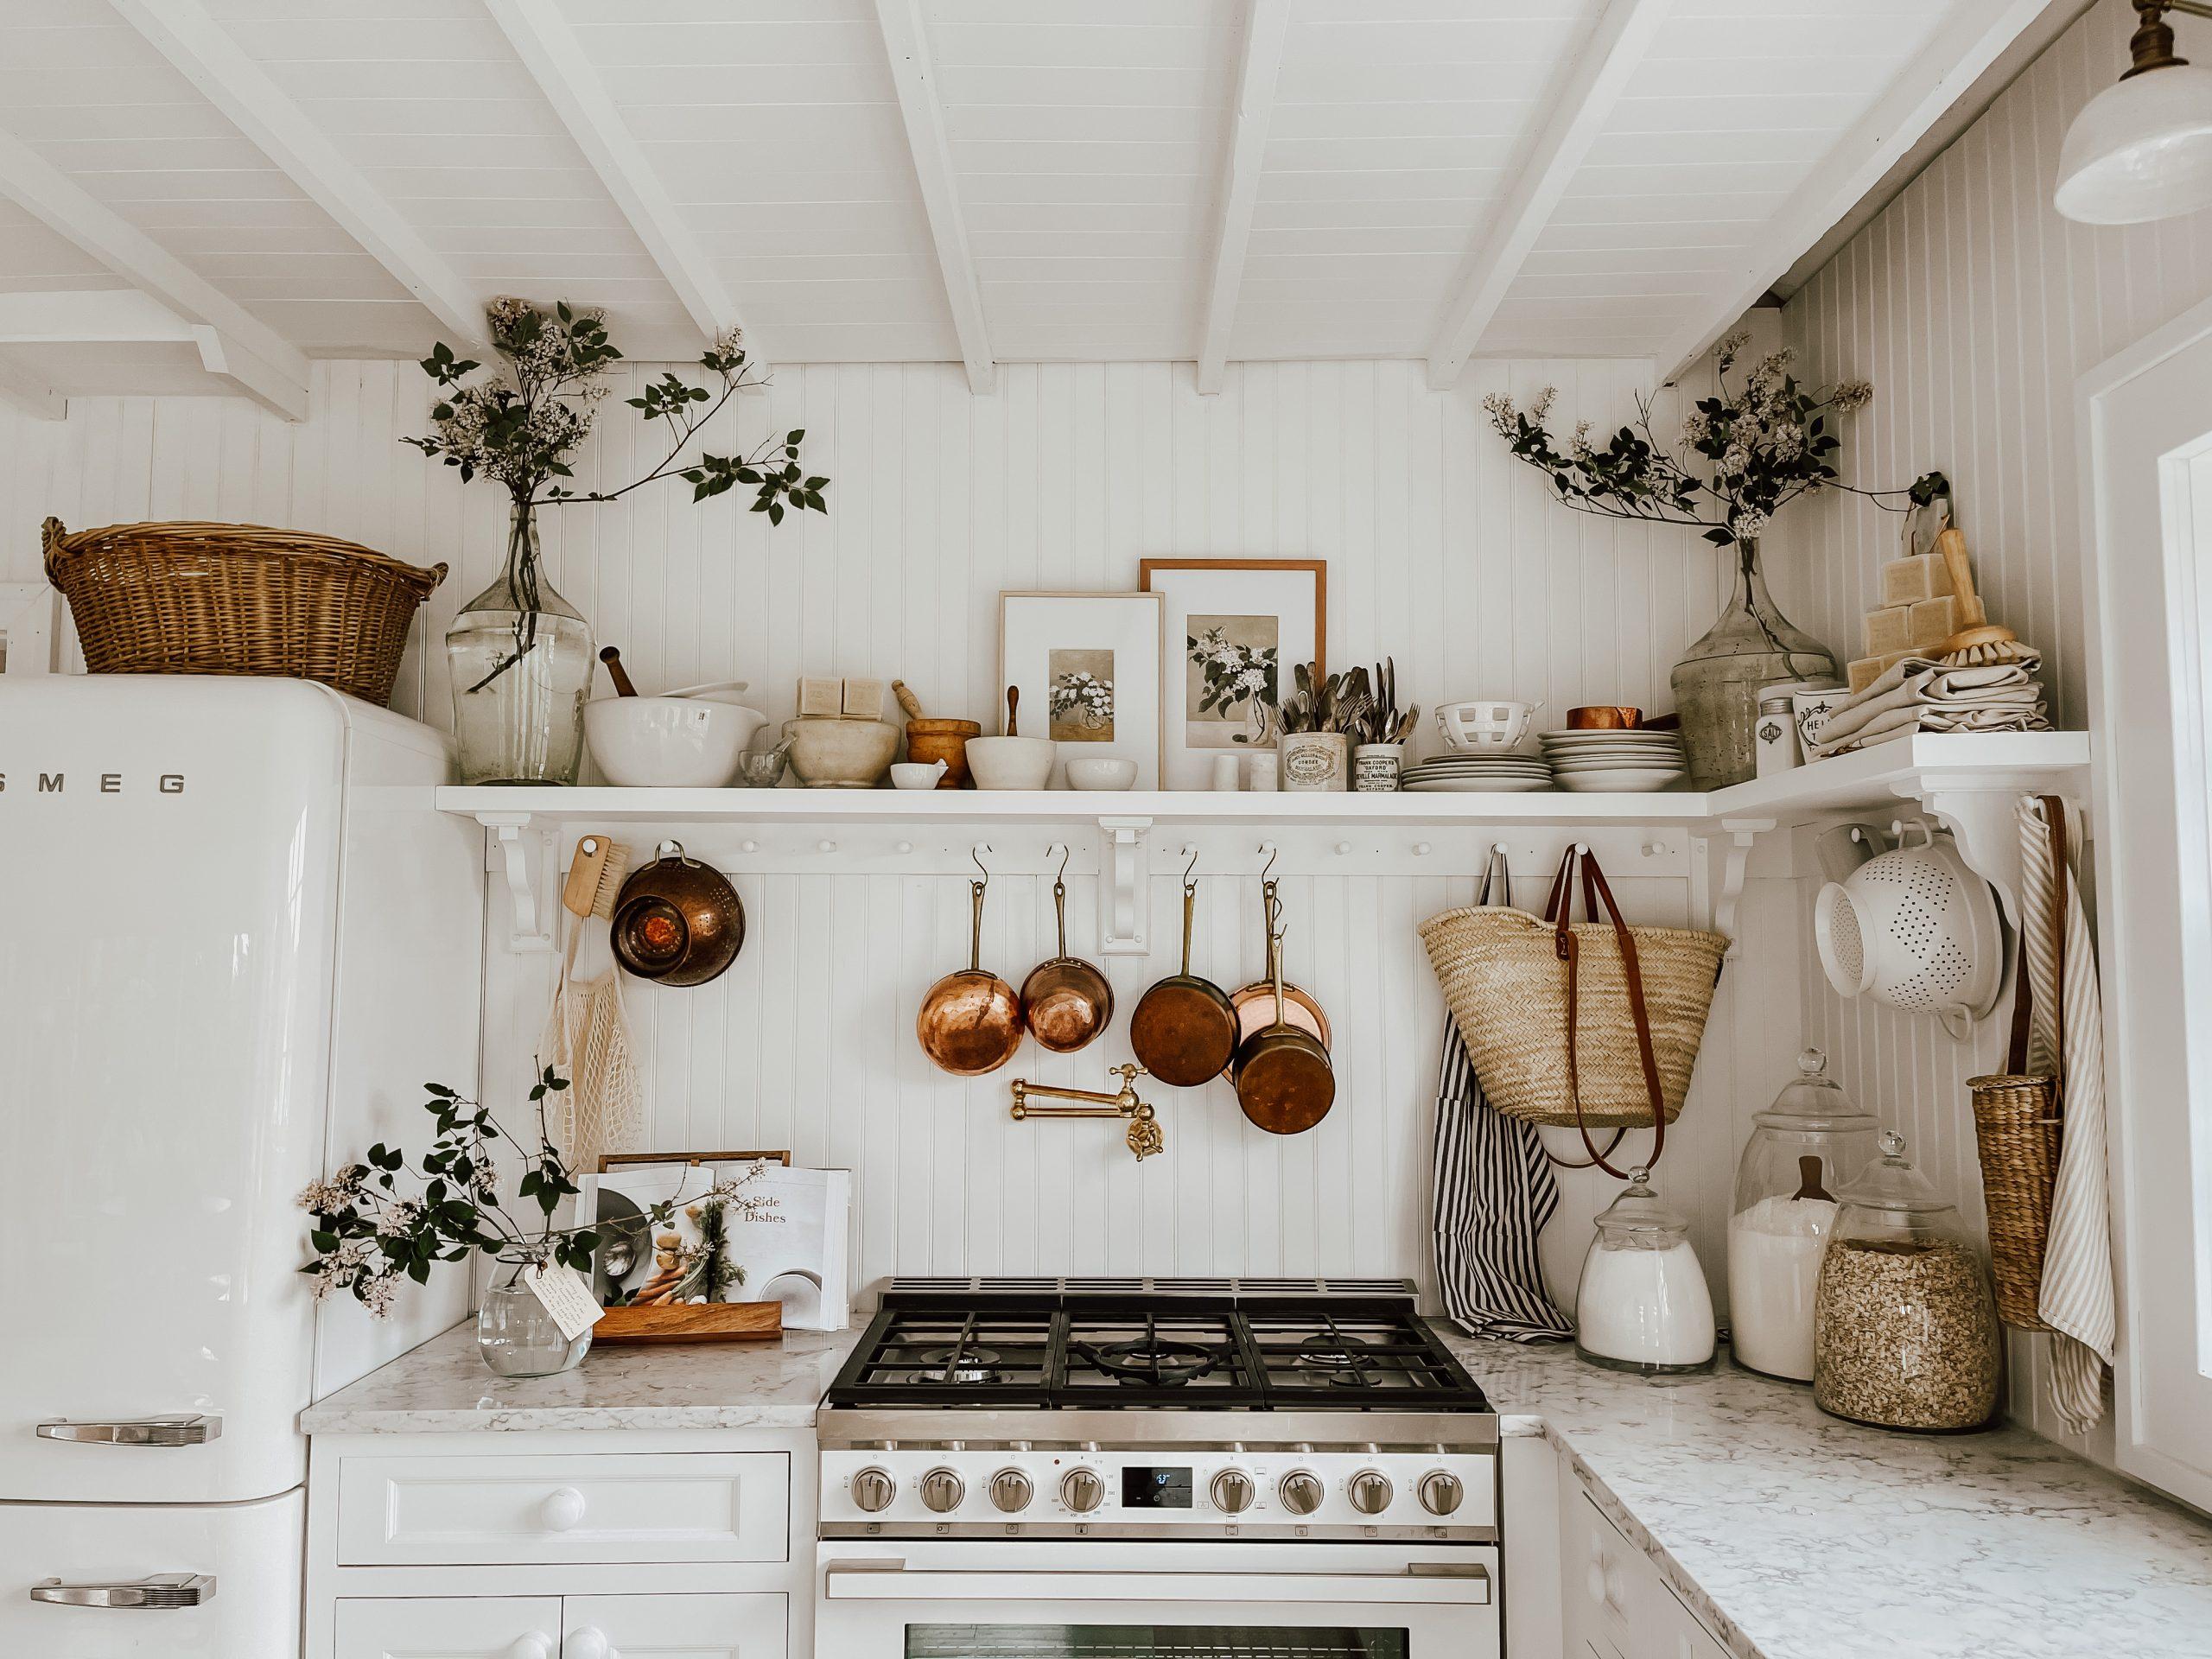 Cozy Kitchen Shelf Styling